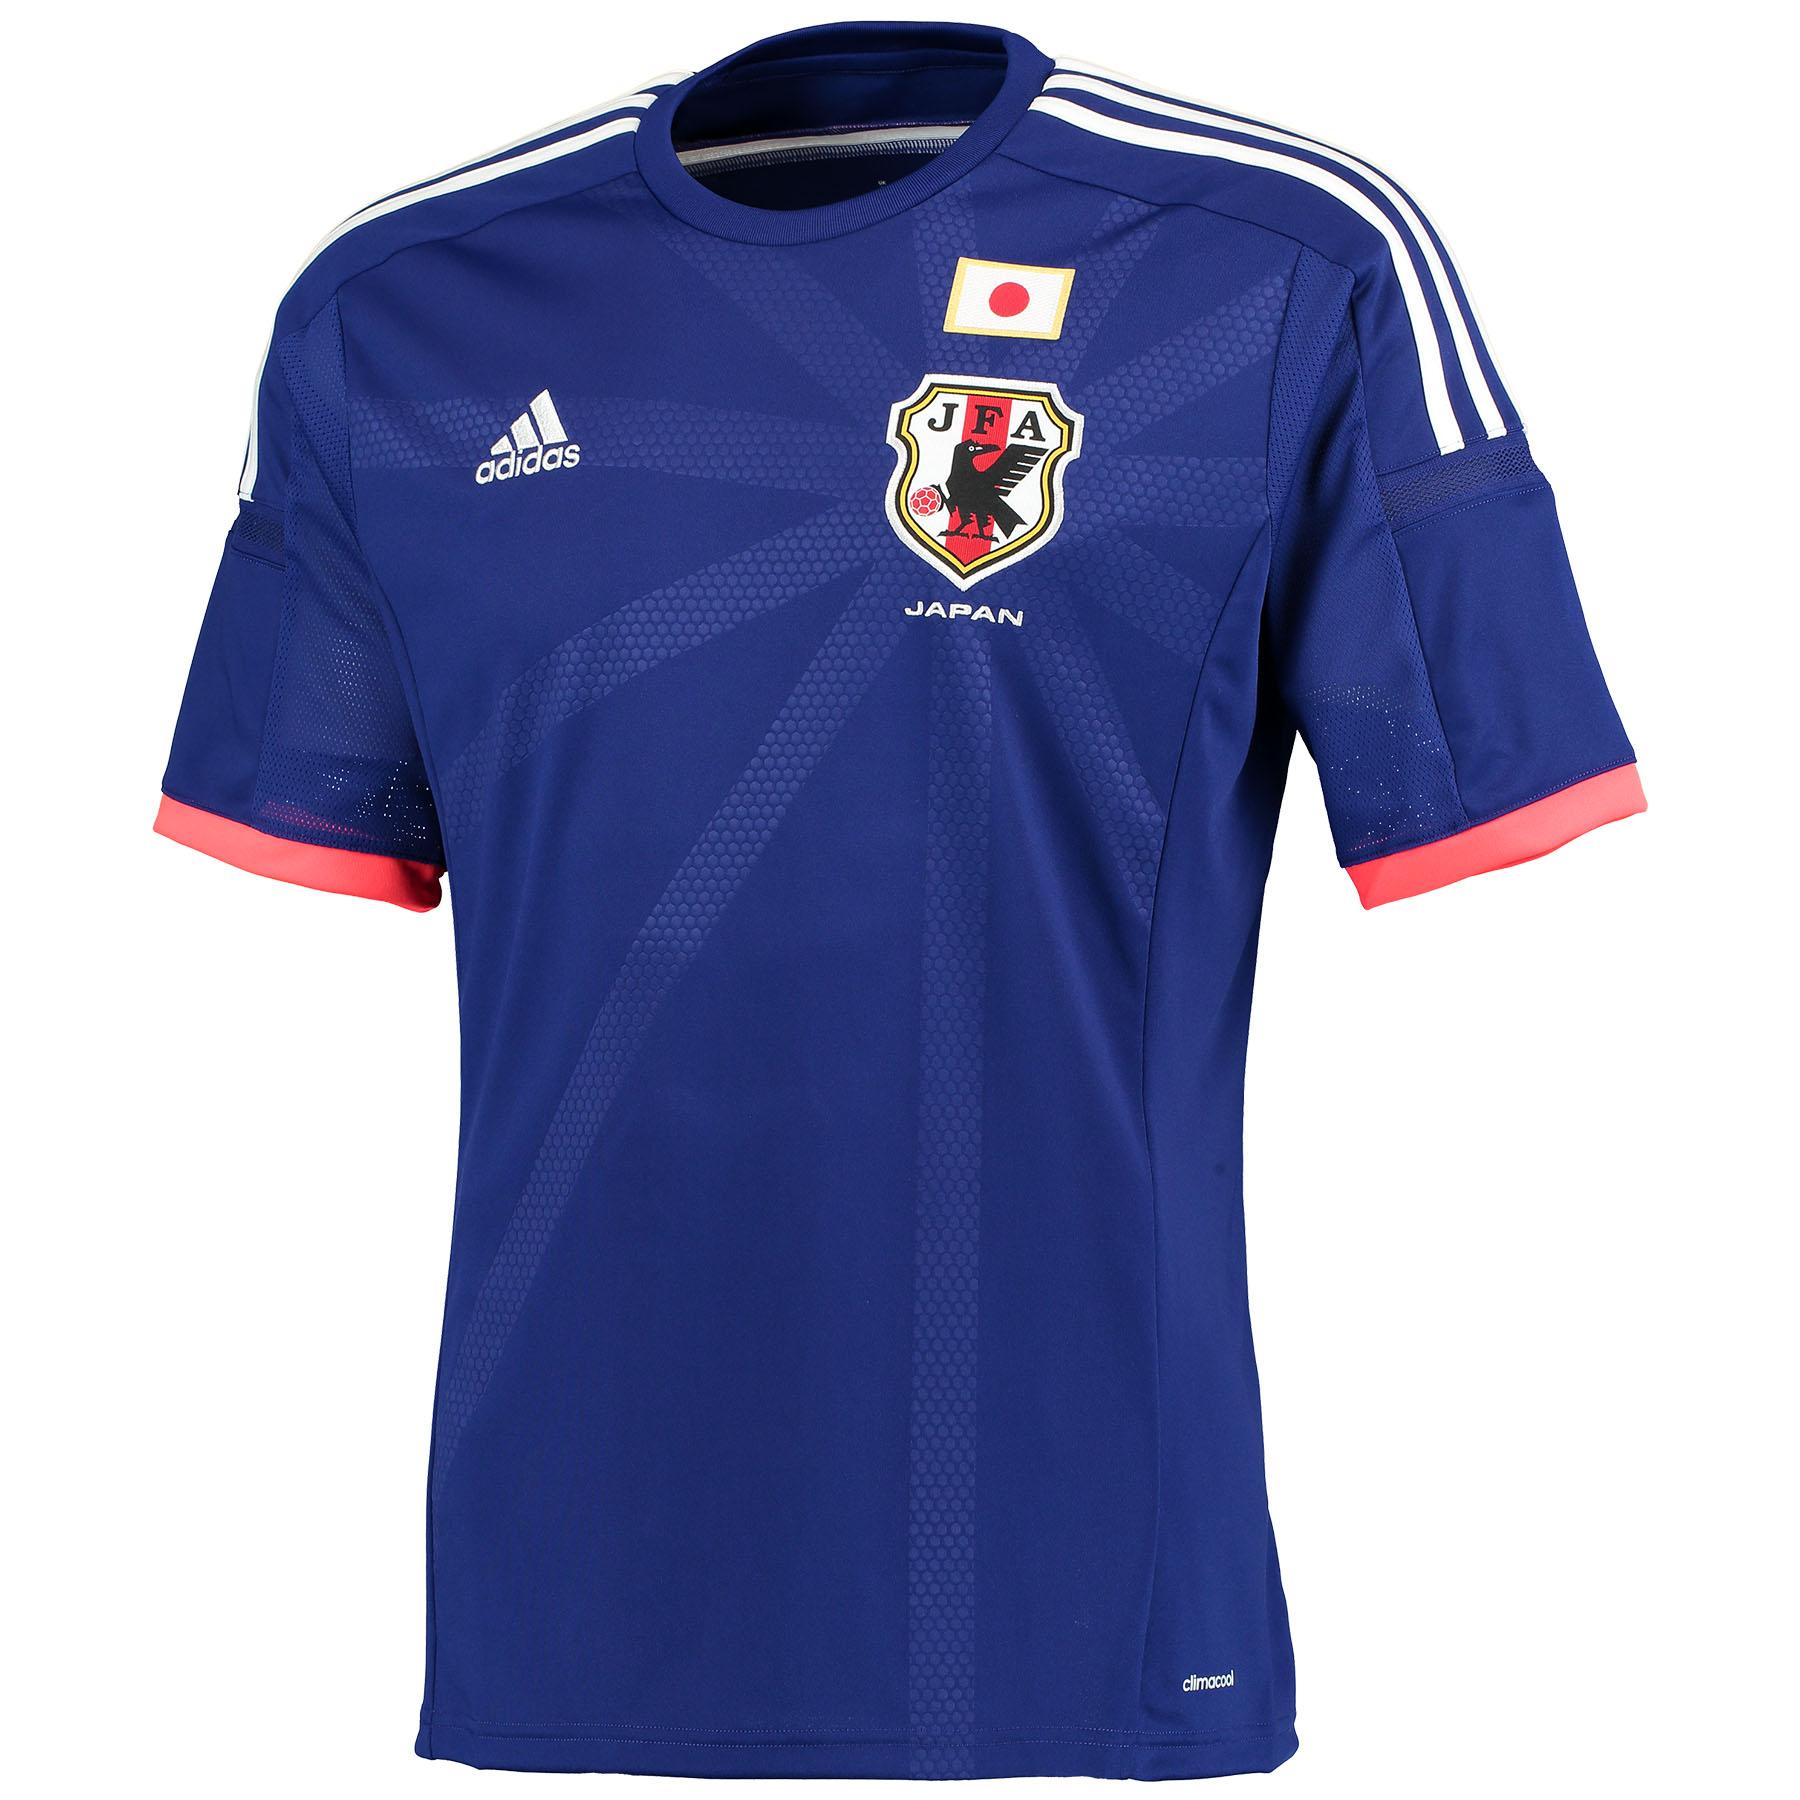 Japan Home Shirt 2014